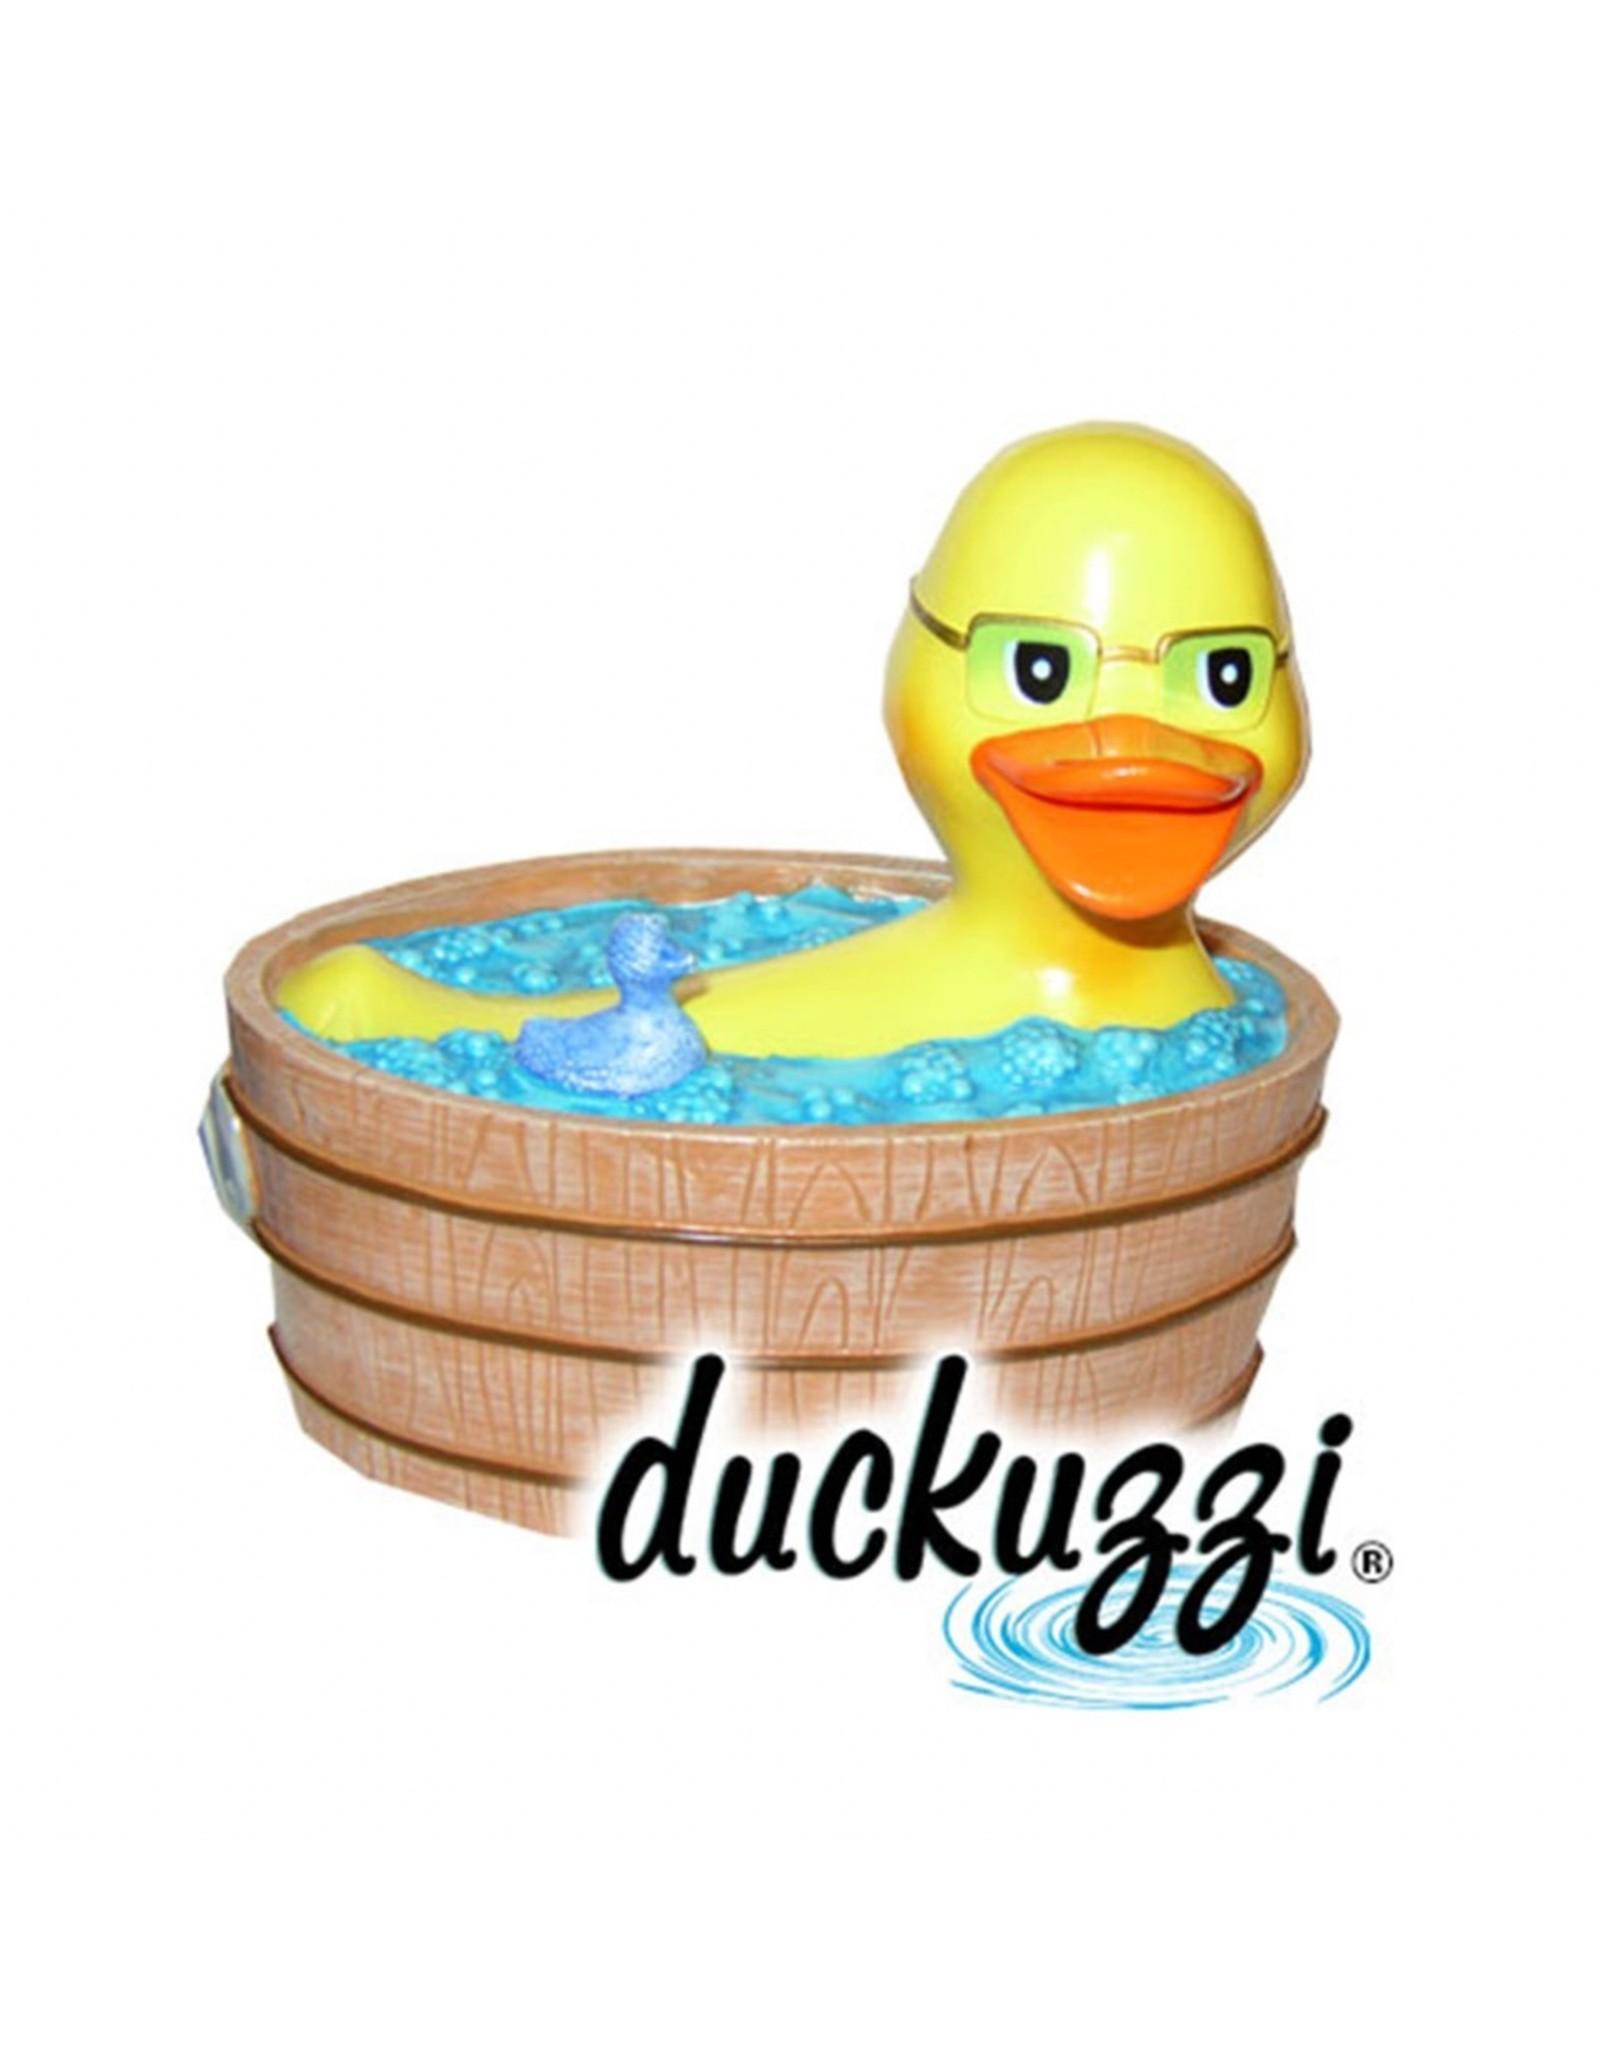 Duckuzzi in a Wooden Jacuzzi Rubber Duck